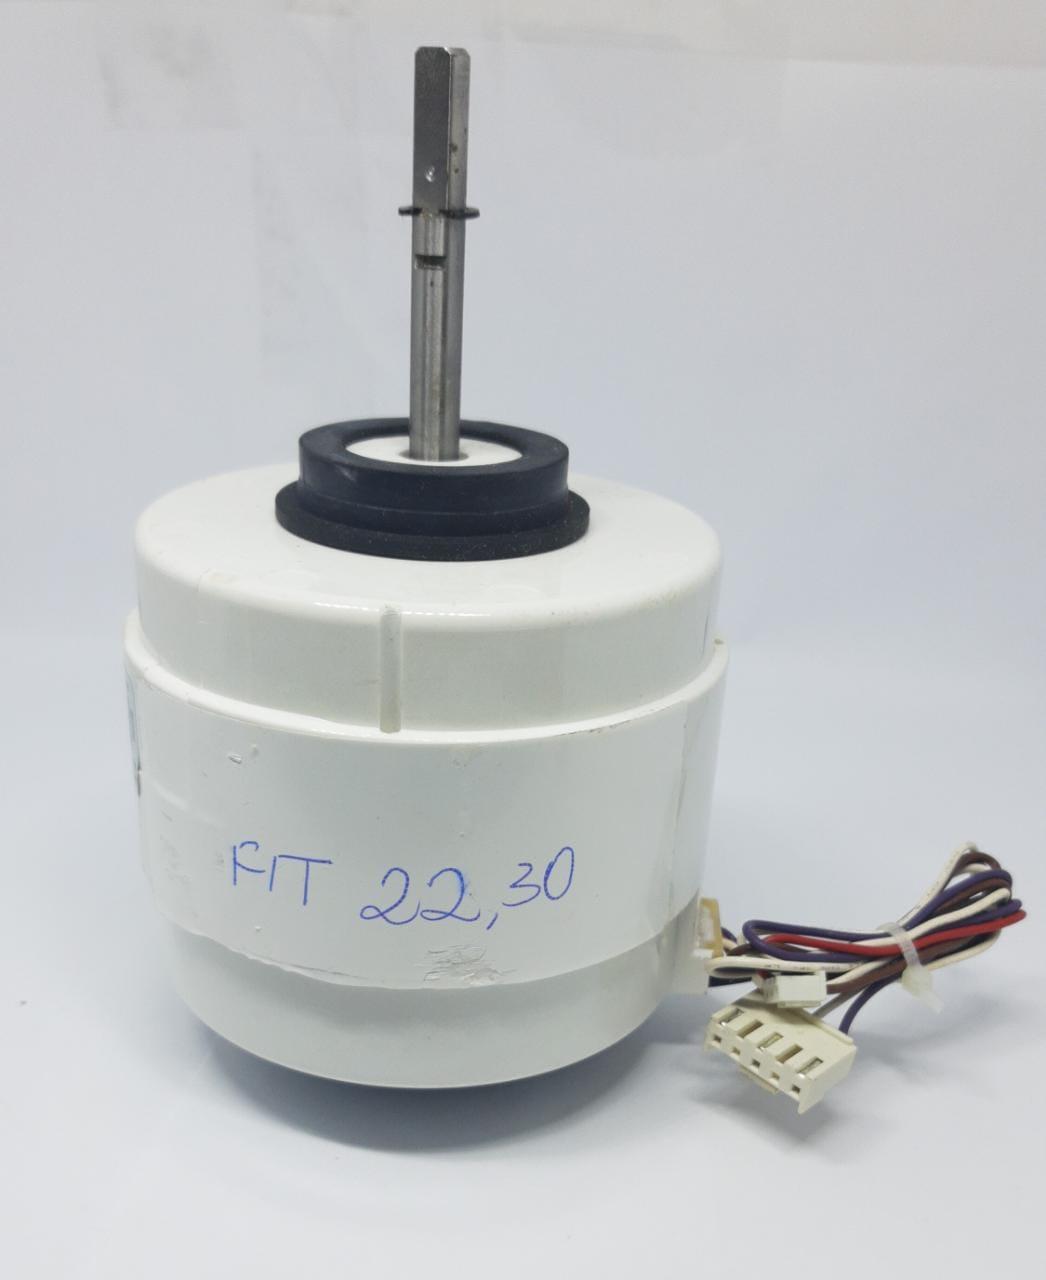 Motor Ventilador Evaporadora 22.000 Btus Agratto Fit Ccs22 Original